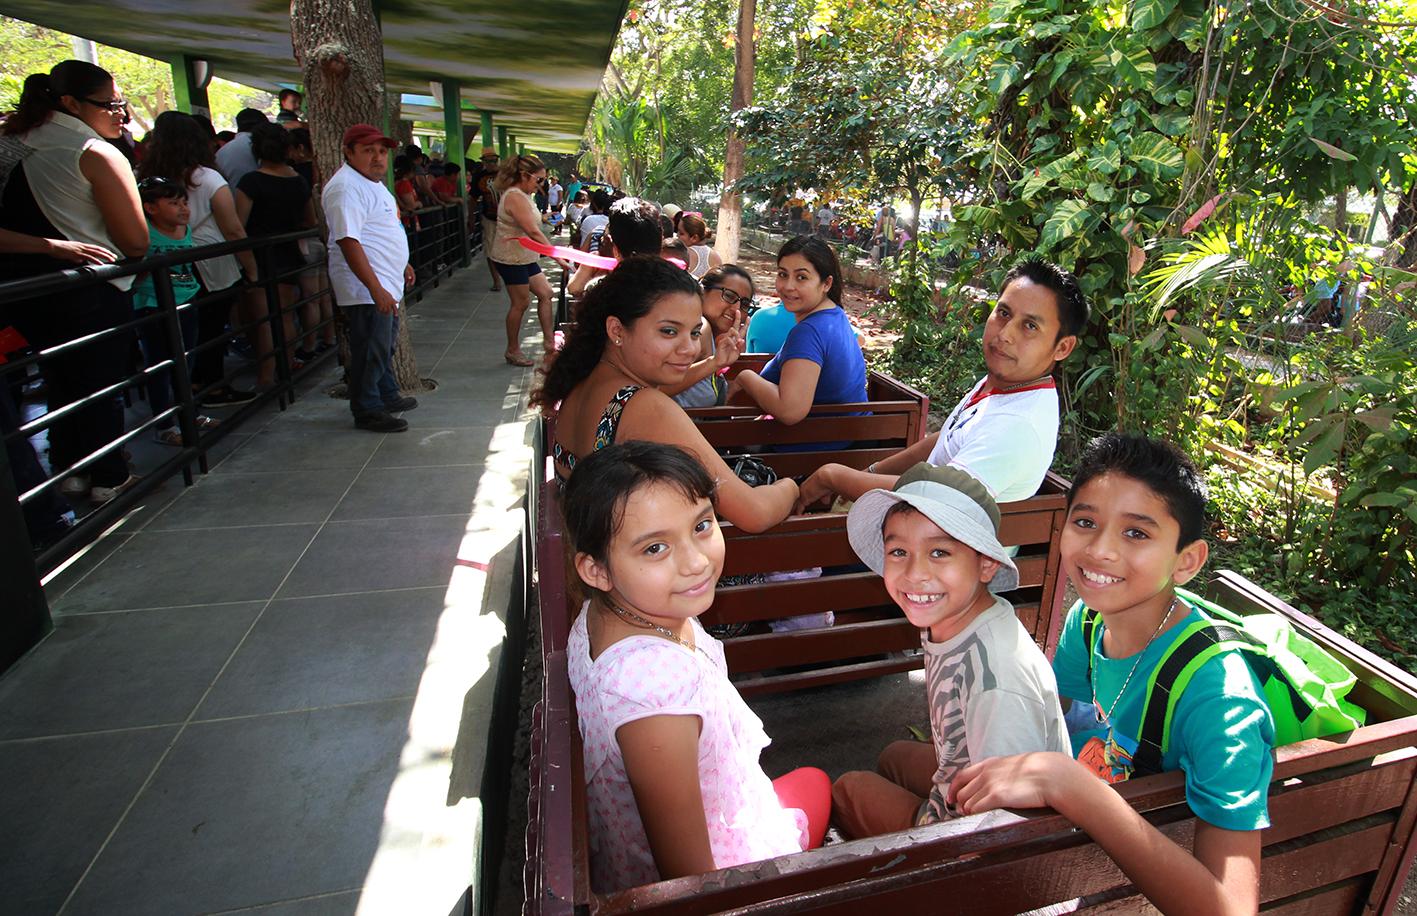 Domingo extraordinario en zoológico El Centenario de Mérida